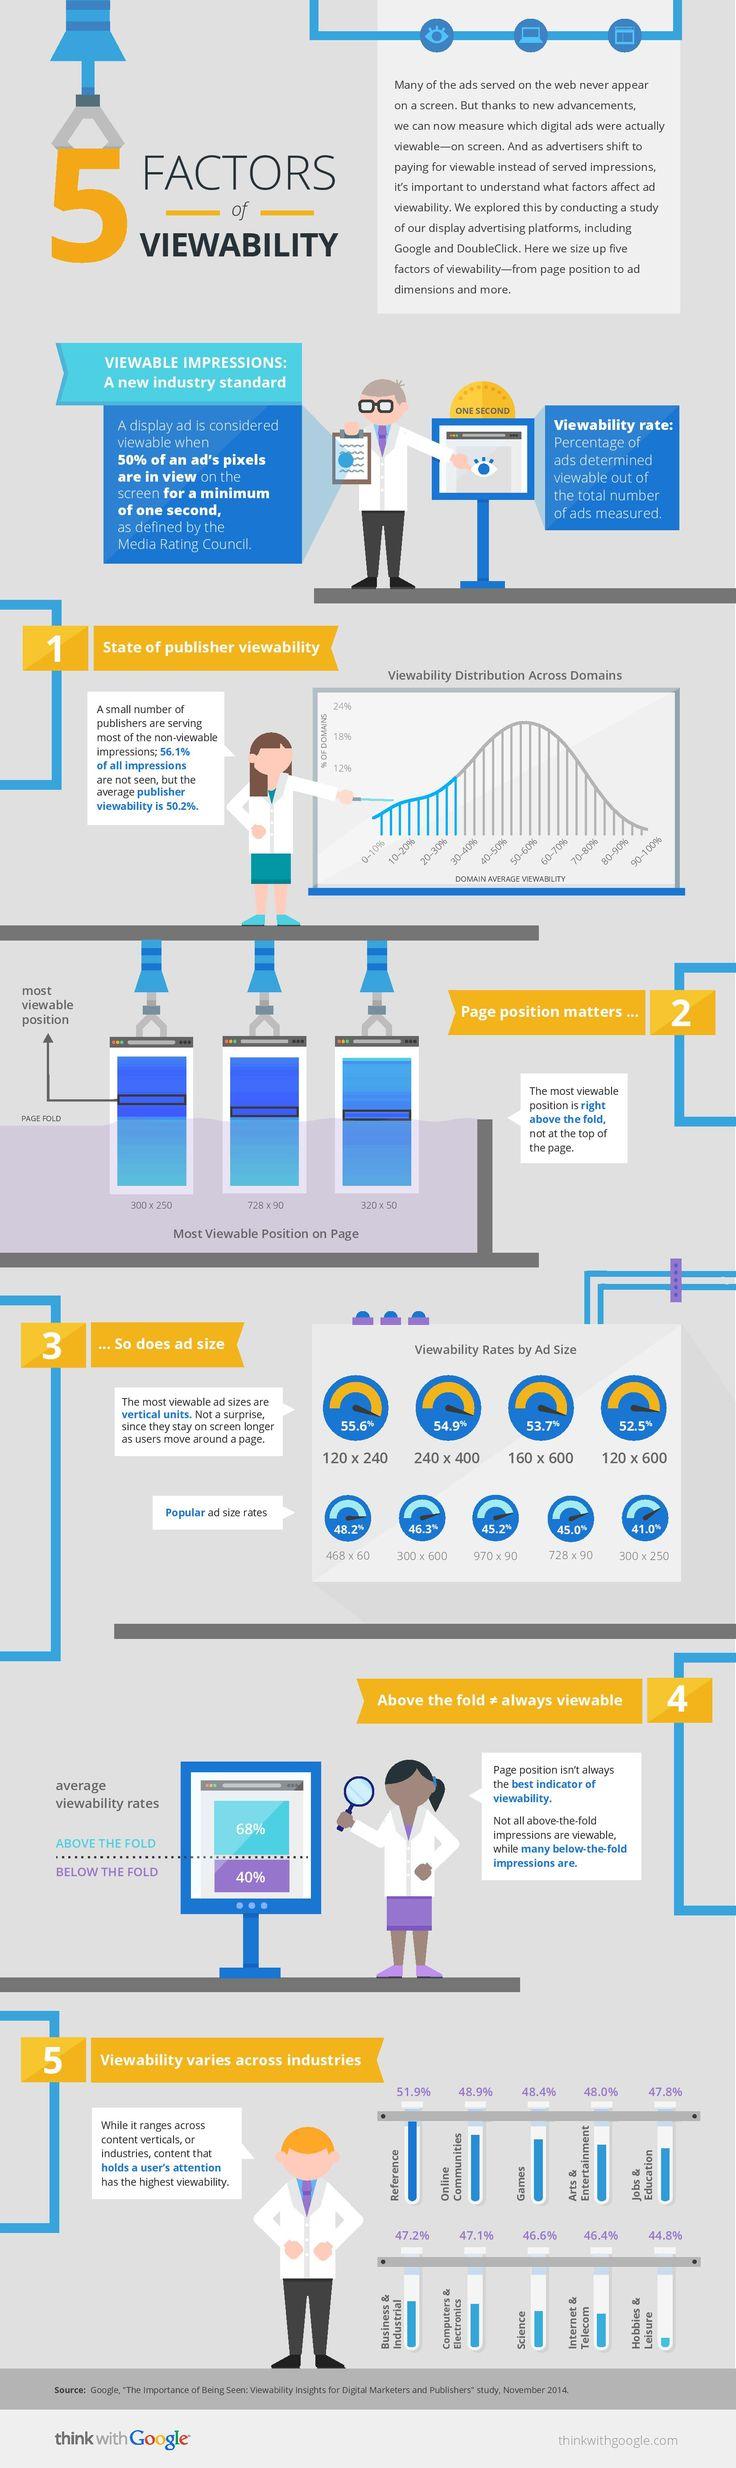 5 Factors That Influence Google Ad Viewability, via @HubSpot